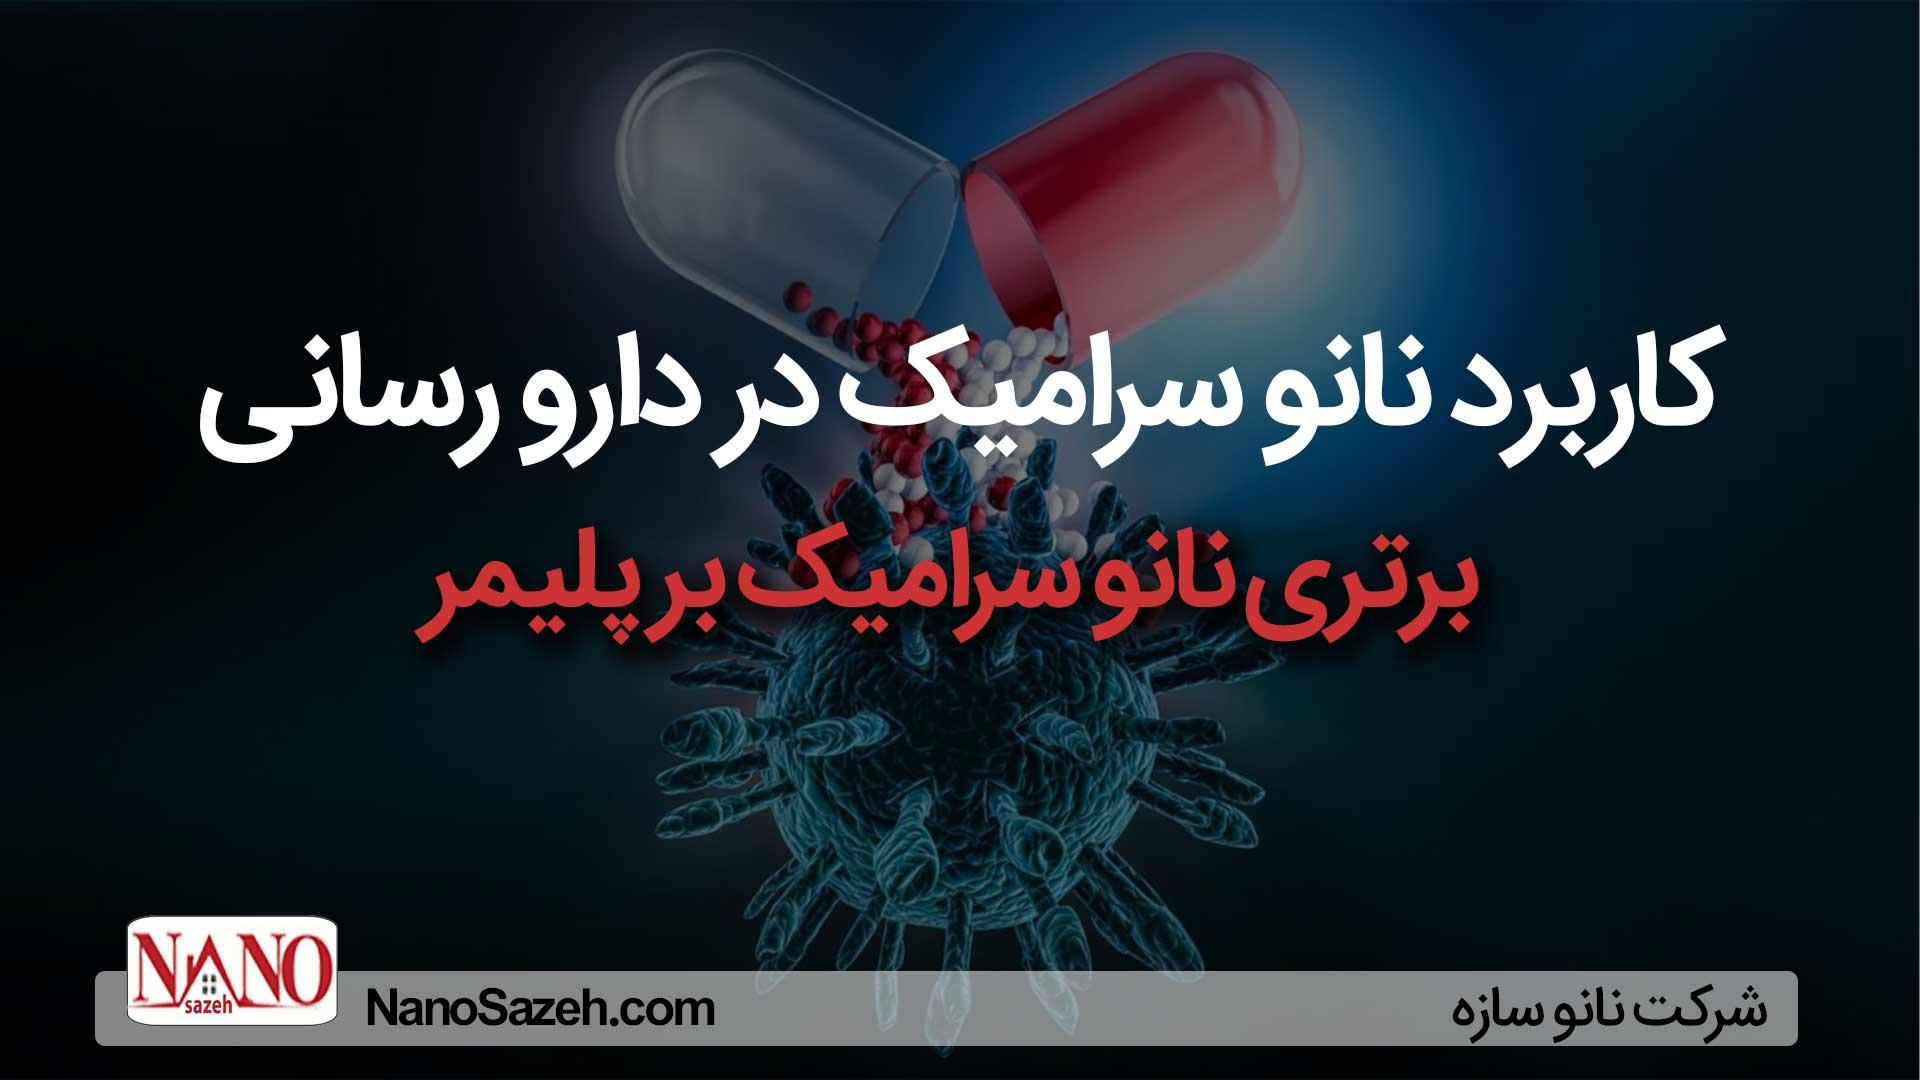 کاربرد نانو سرامیک در دارو رسانی